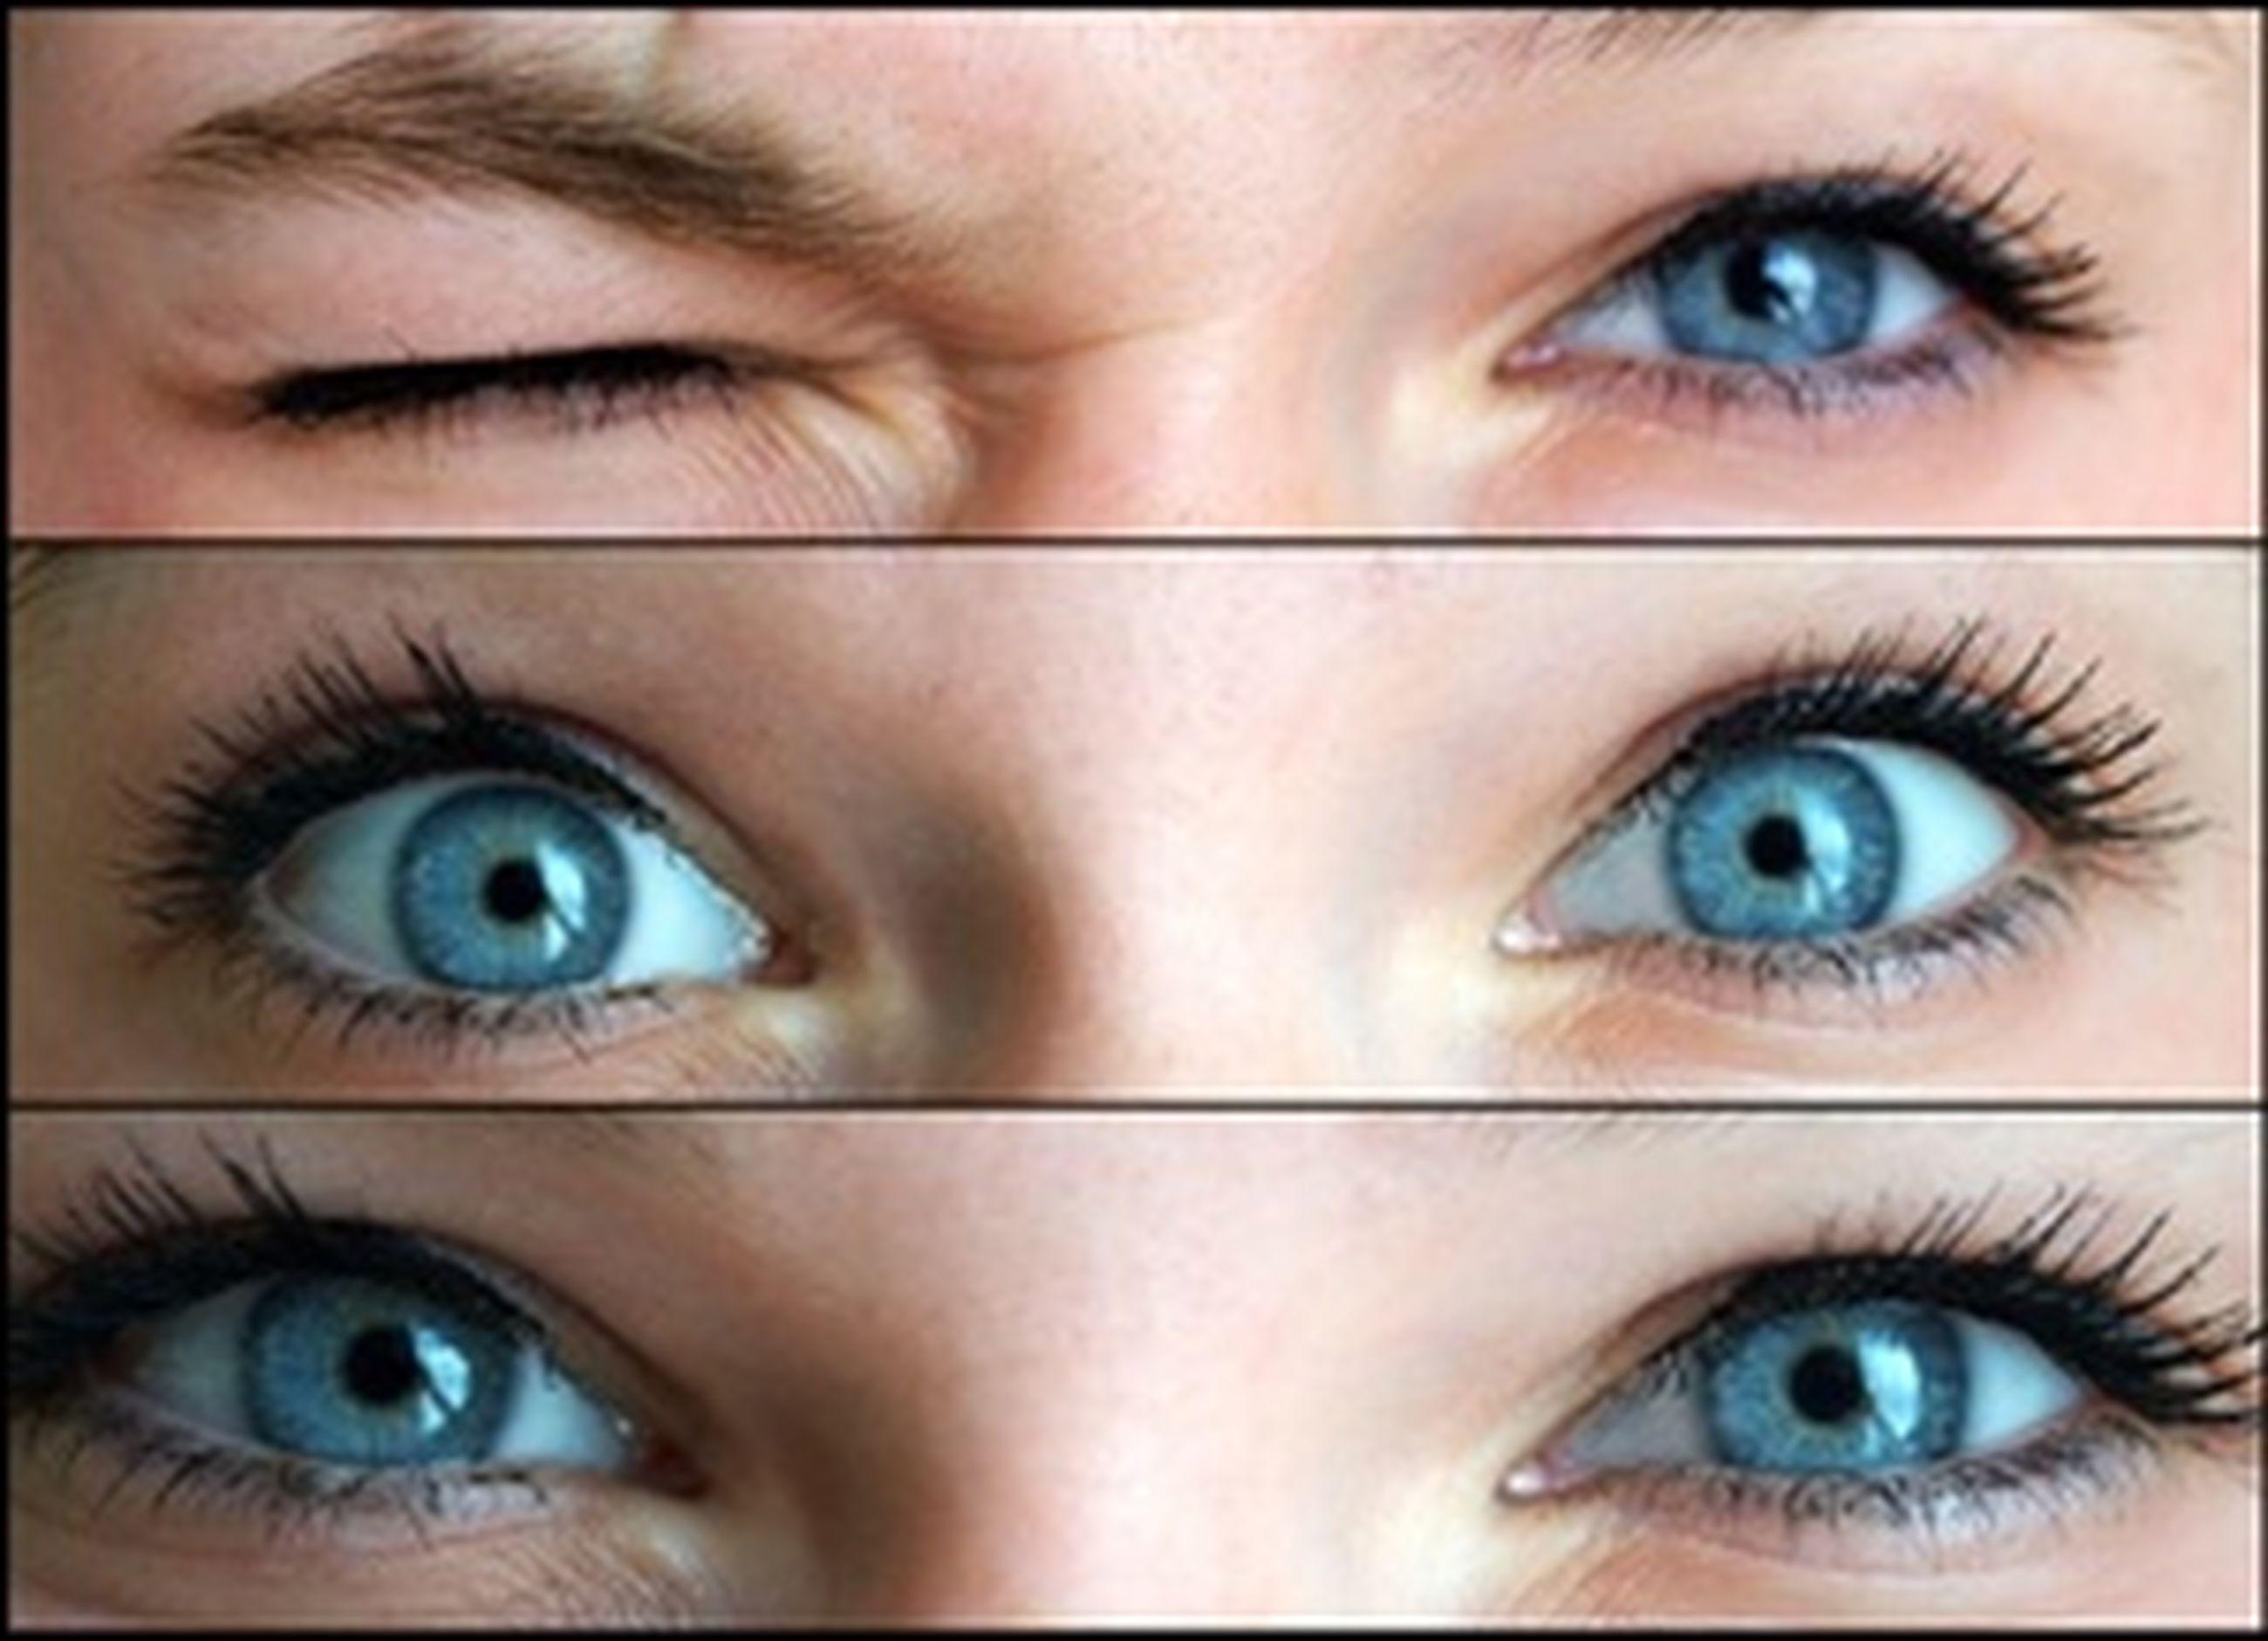 human eye, looking at camera, eyelash, close-up, portrait, human face, eyesight, sensory perception, full frame, part of, backgrounds, extreme close-up, iris - eye, human skin, headshot, eyebrow, extreme close up